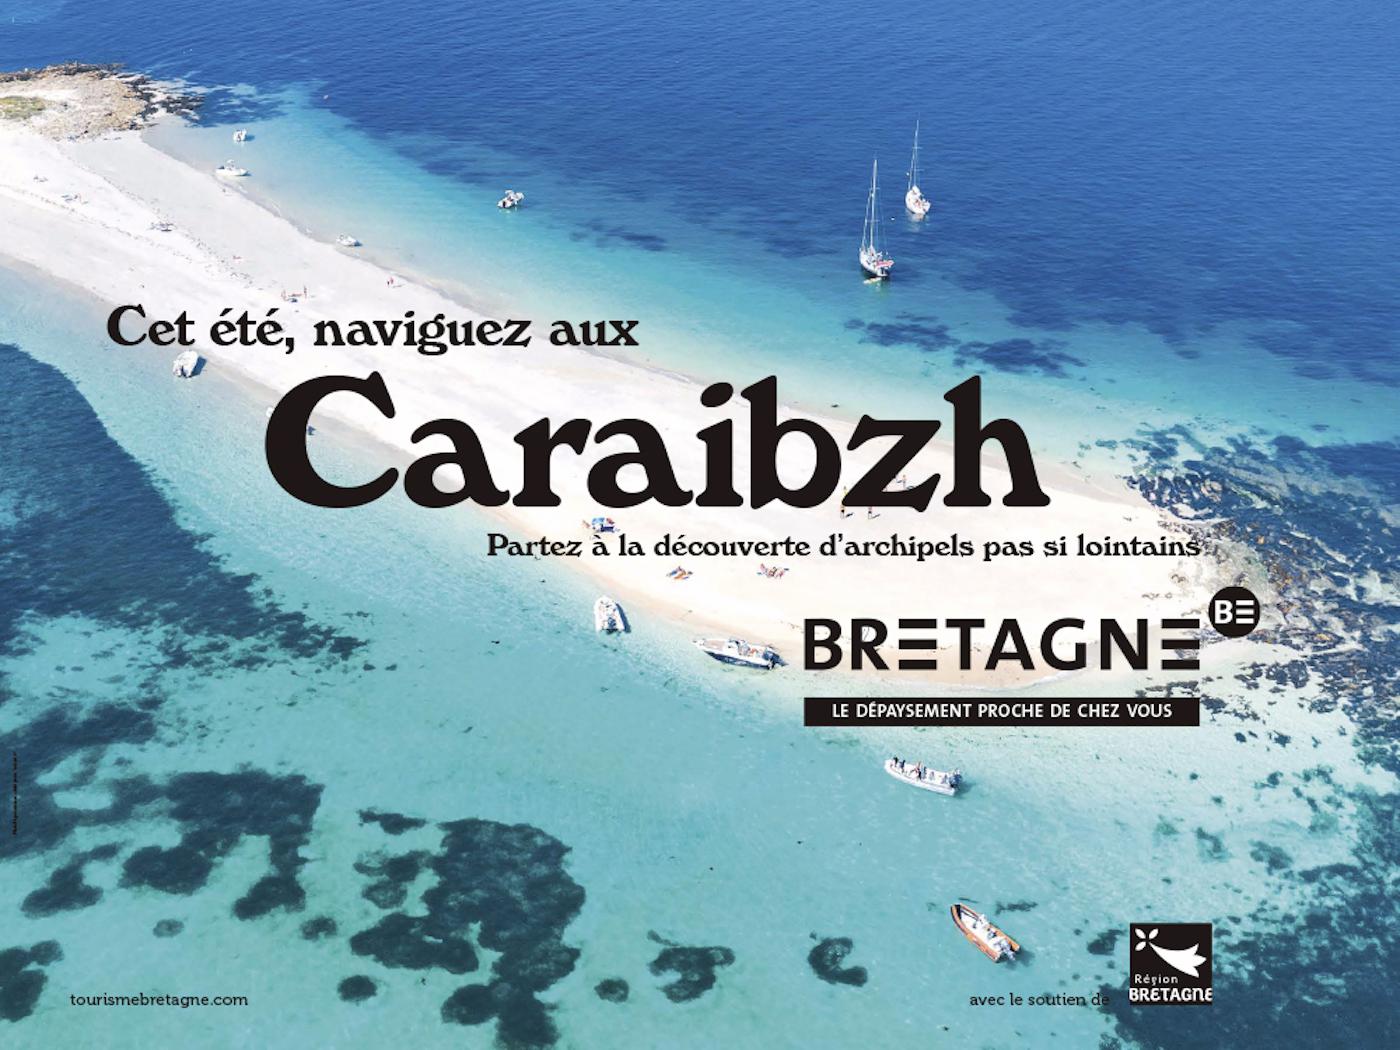 Caraibzh : la campagne de pub pour le tourisme en Bretagne